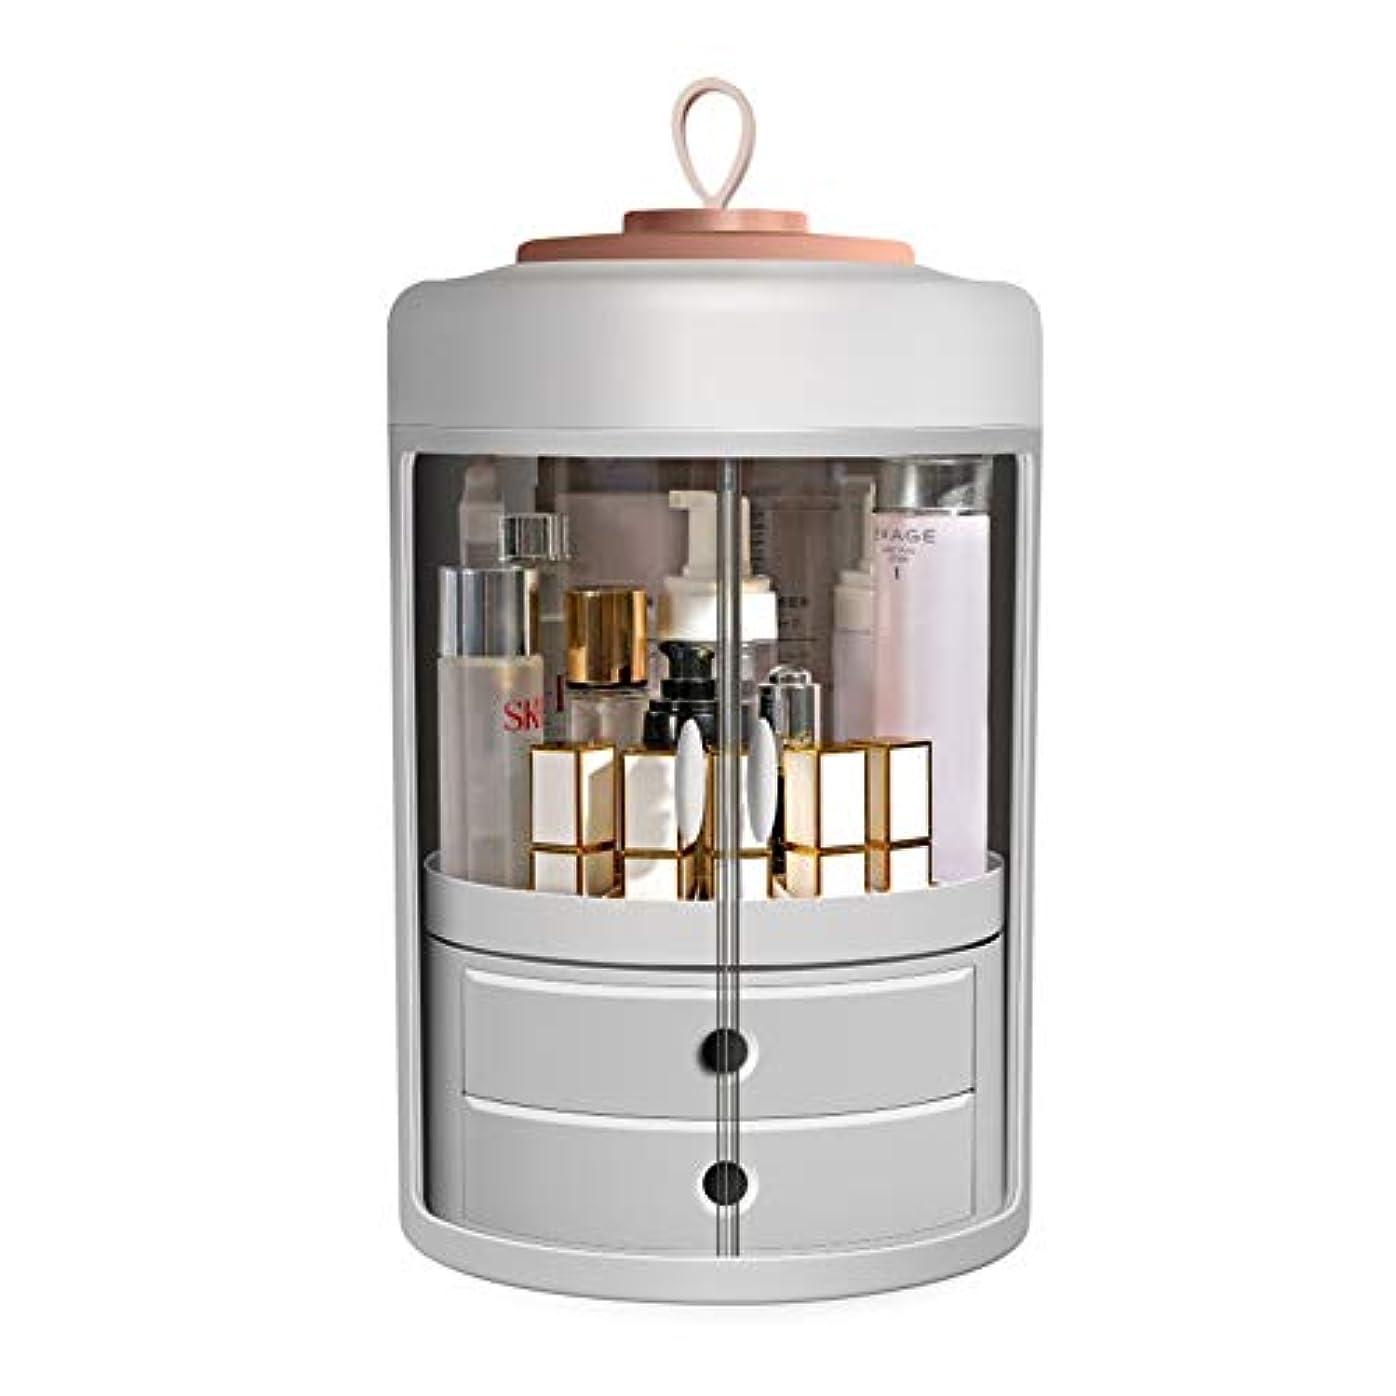 キャッチ白いラグ化粧品収納 コスメ収納ボックス メイクケース 360度回転 防塵 防水 取っ手付き 旅行用 化粧ケース付き 二つ引き出し 透明